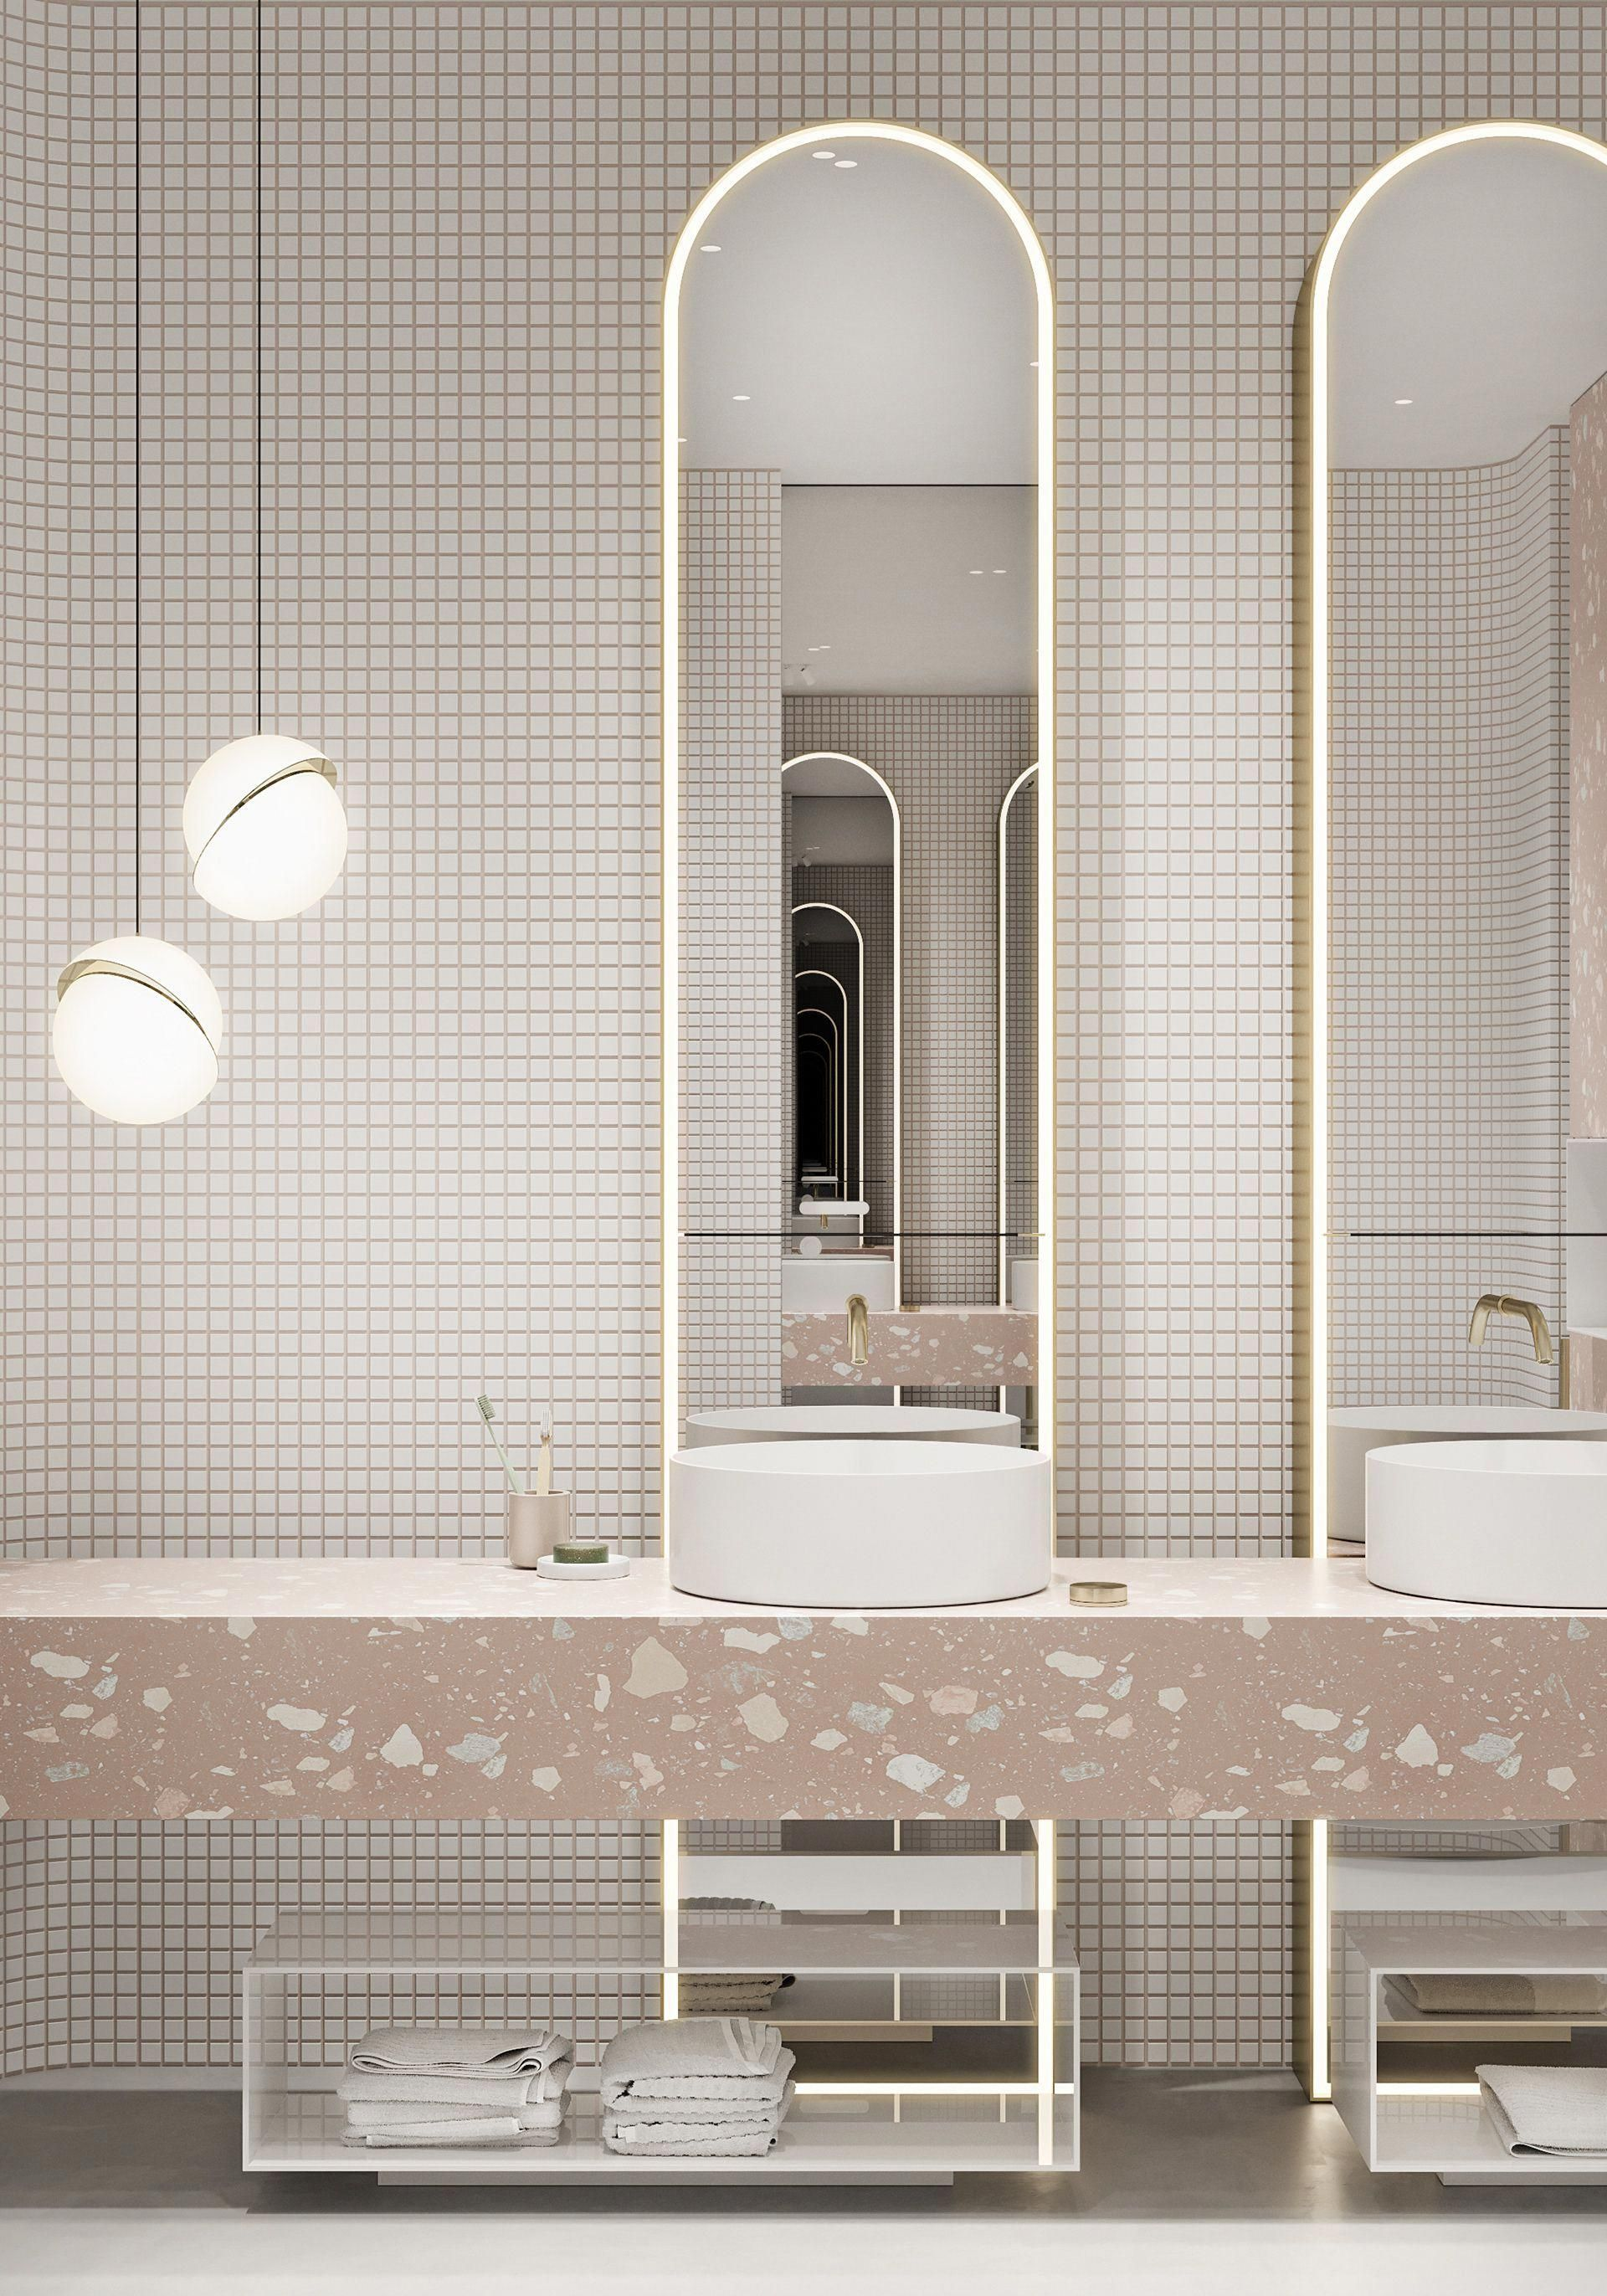 pink vanity, white round sinks, tall mirror, white tiny square wall tiles, white pendants